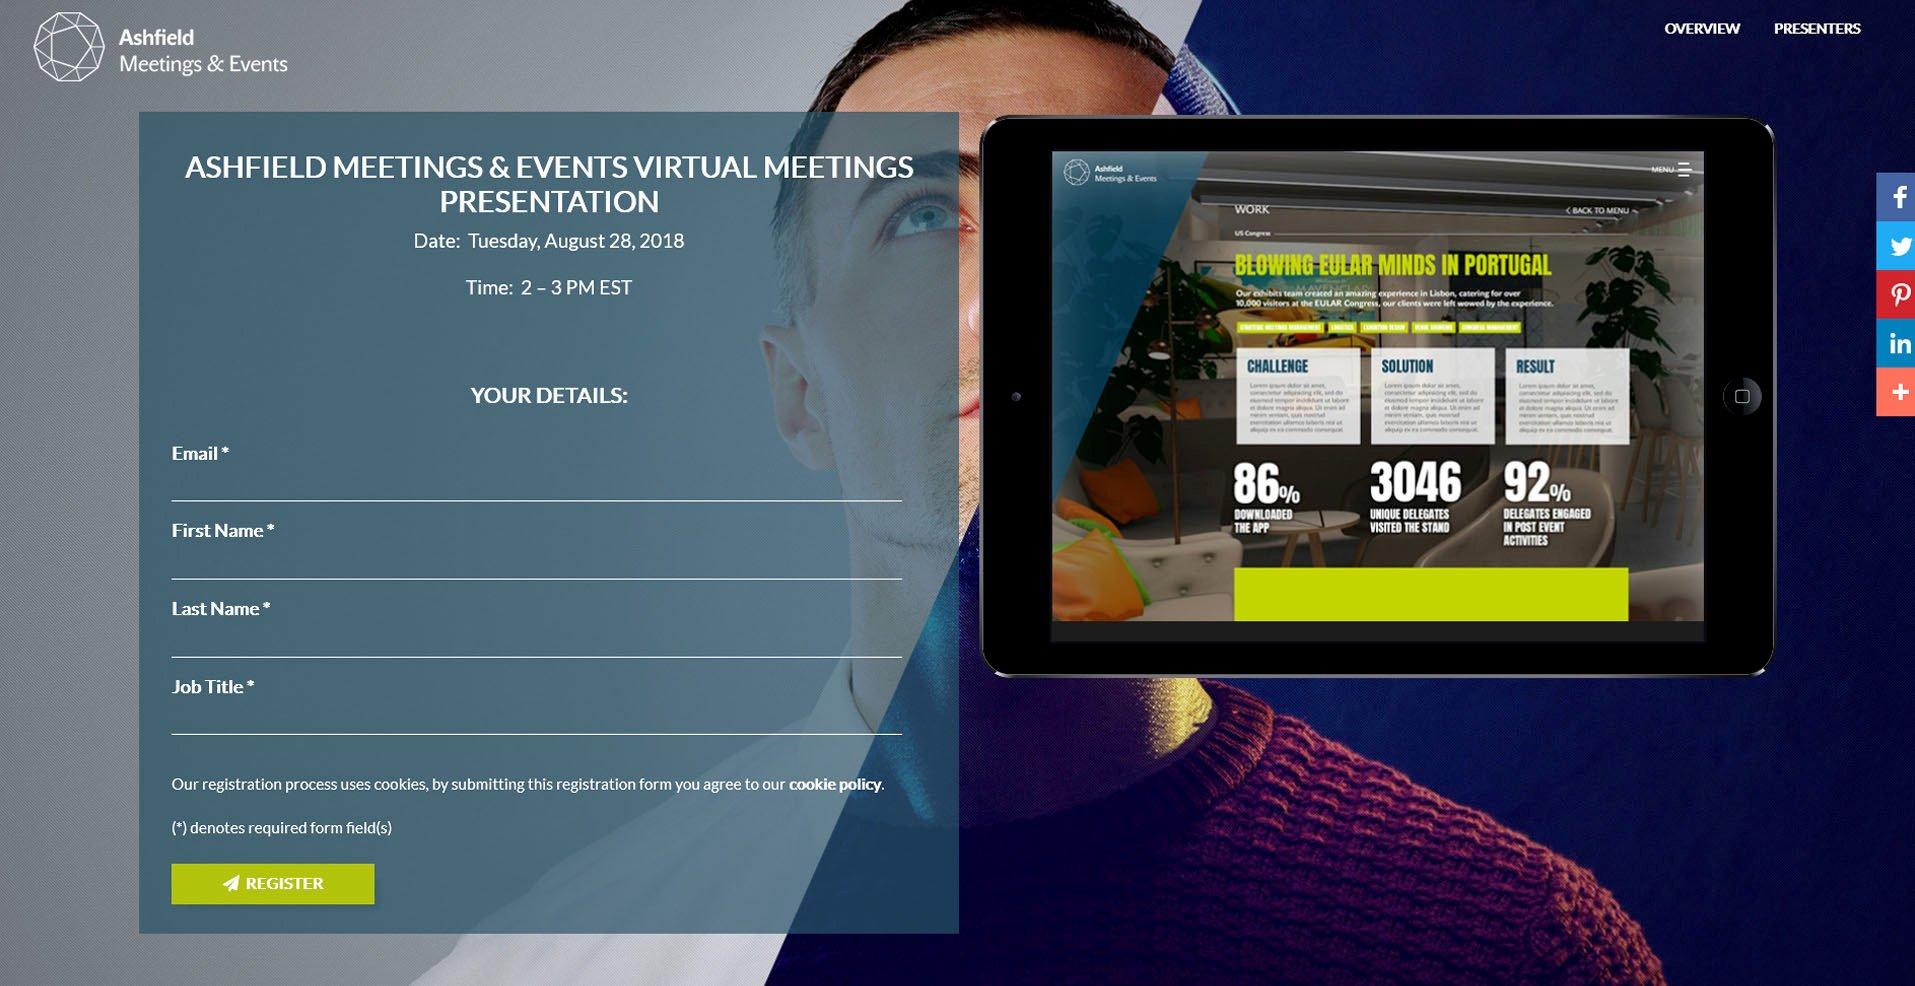 WorkCast webinars look great